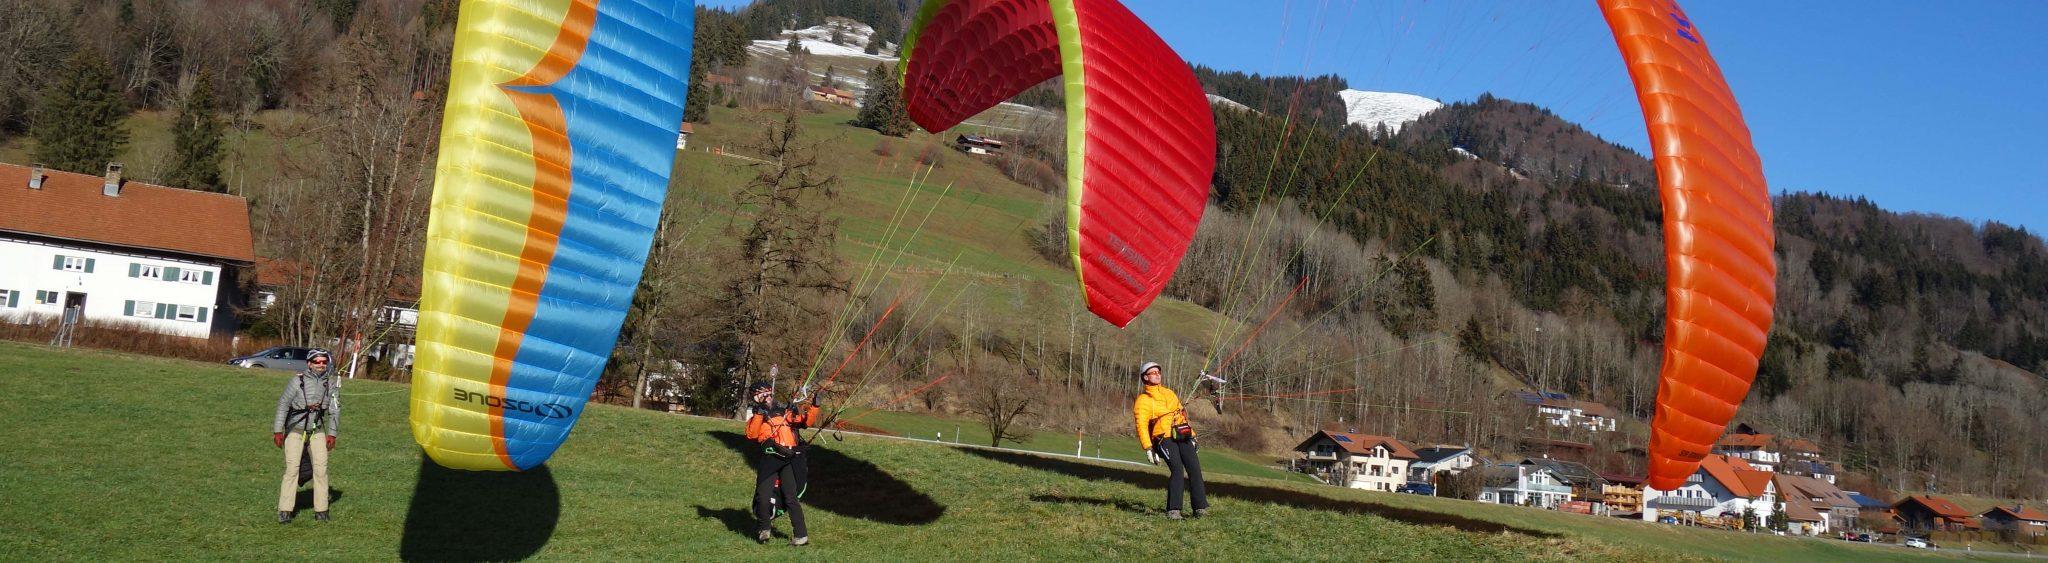 Gleitschirmausbildung; einfach Paragliden lernen